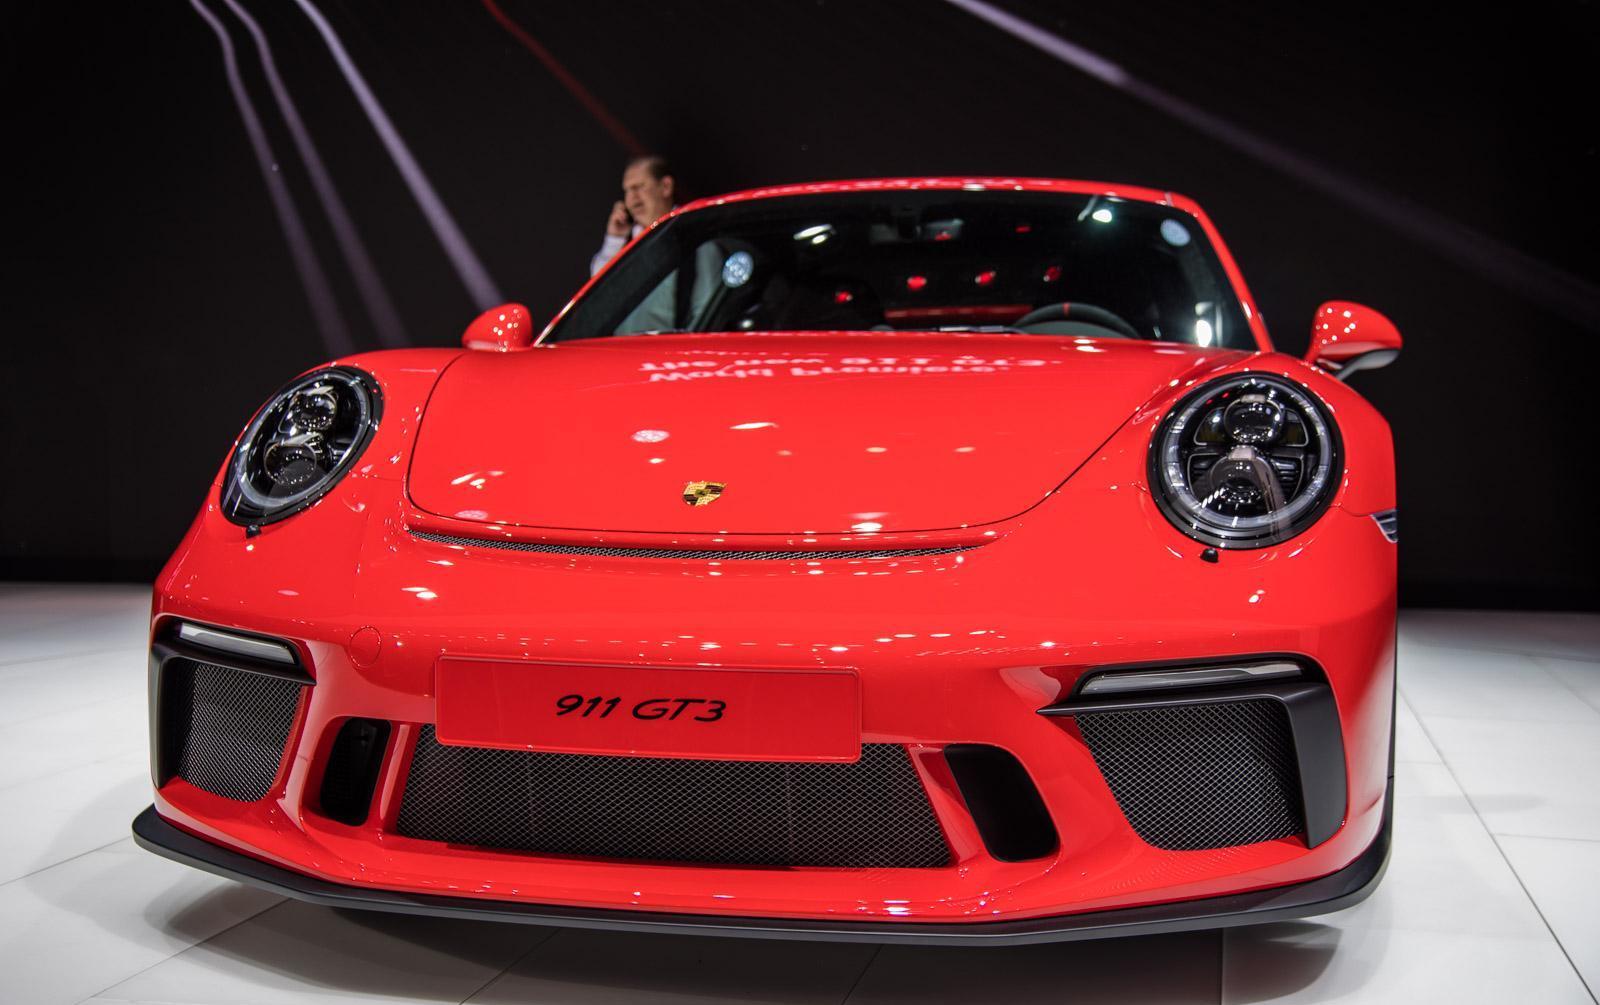 Porsche-911-gt3-facelift-002